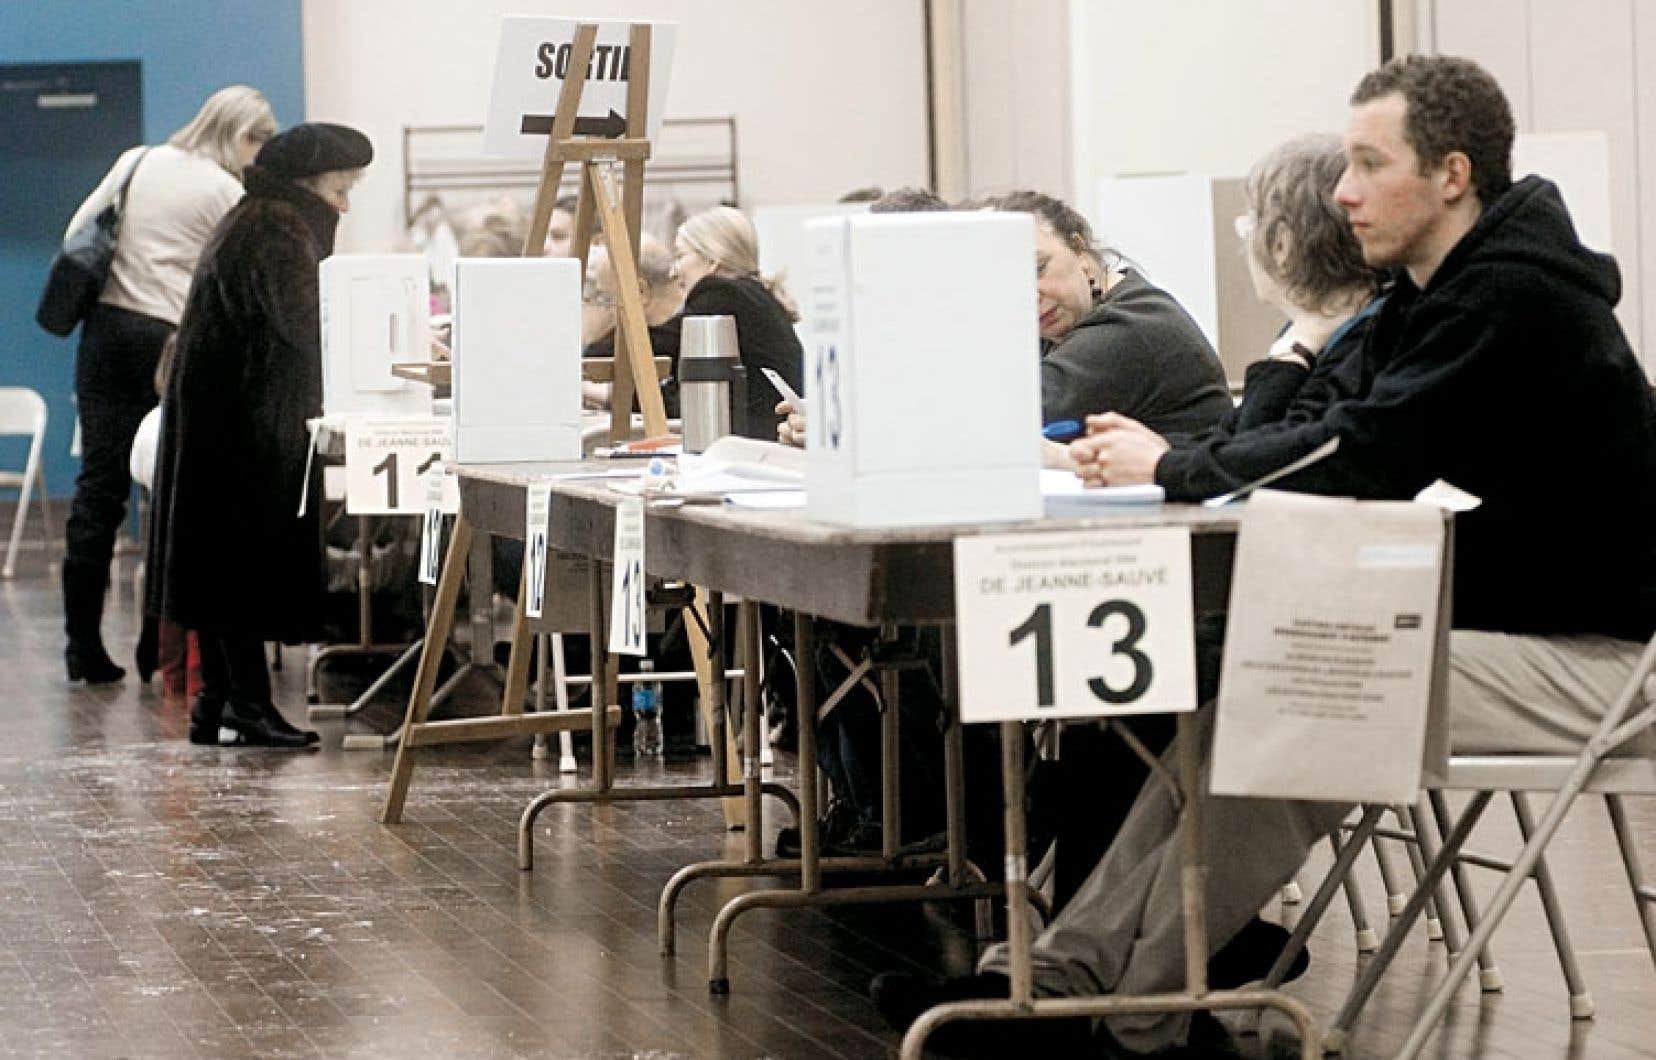 C'est l'État québécois, aveuglé par son obsession de centralisation, qui a tué la participation des citoyens à leur démocratie locale, écrit Roméo Bouchard.